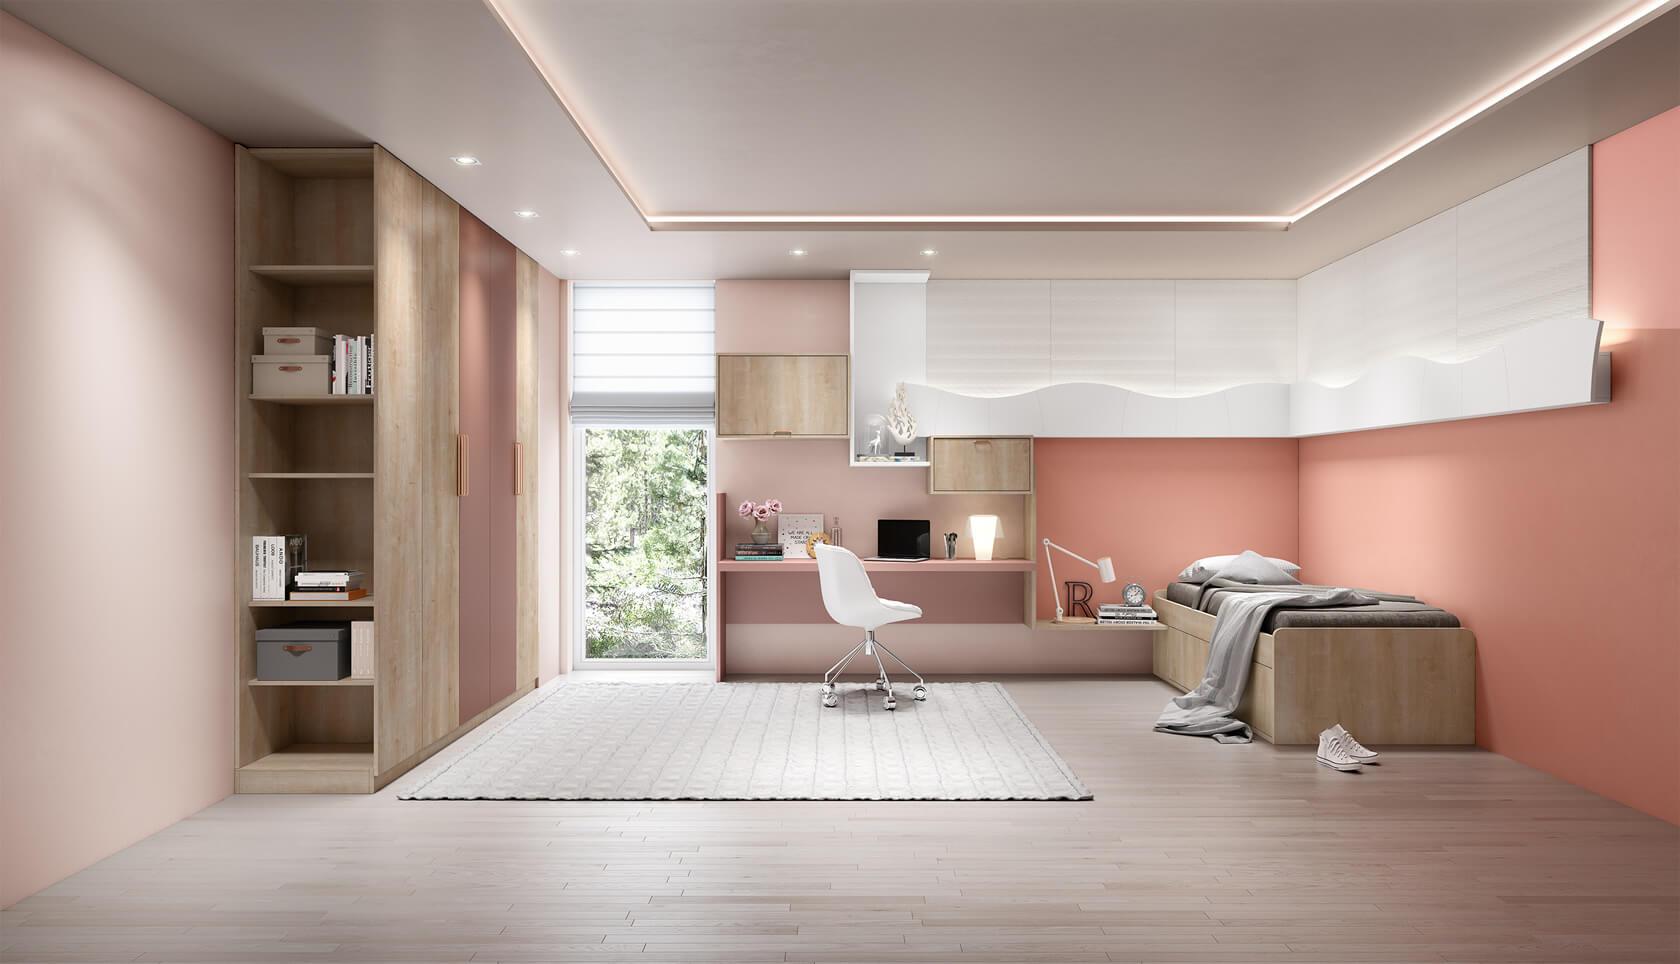 dormitorio quarto jovem personalizado e planejado